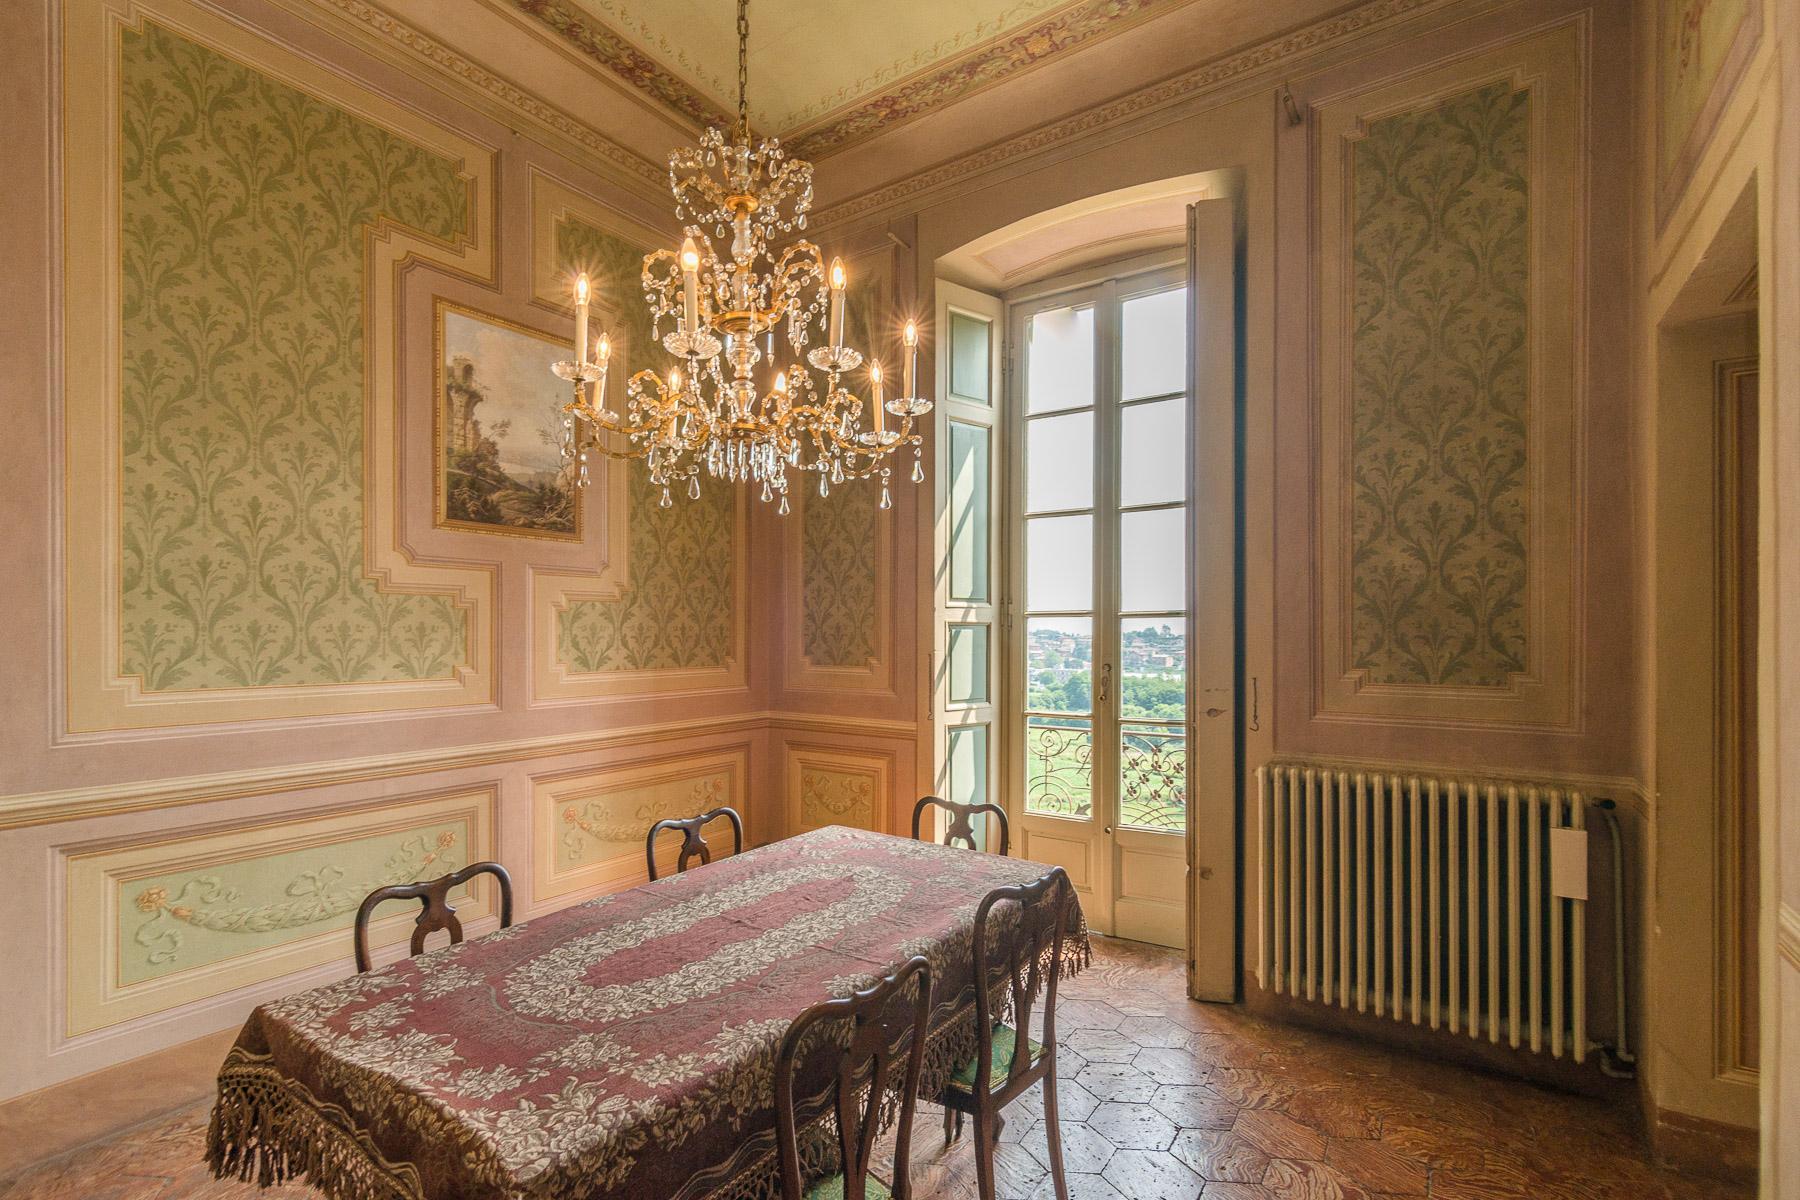 Villa storica del XVII secolo in Alzate Brianza - 21